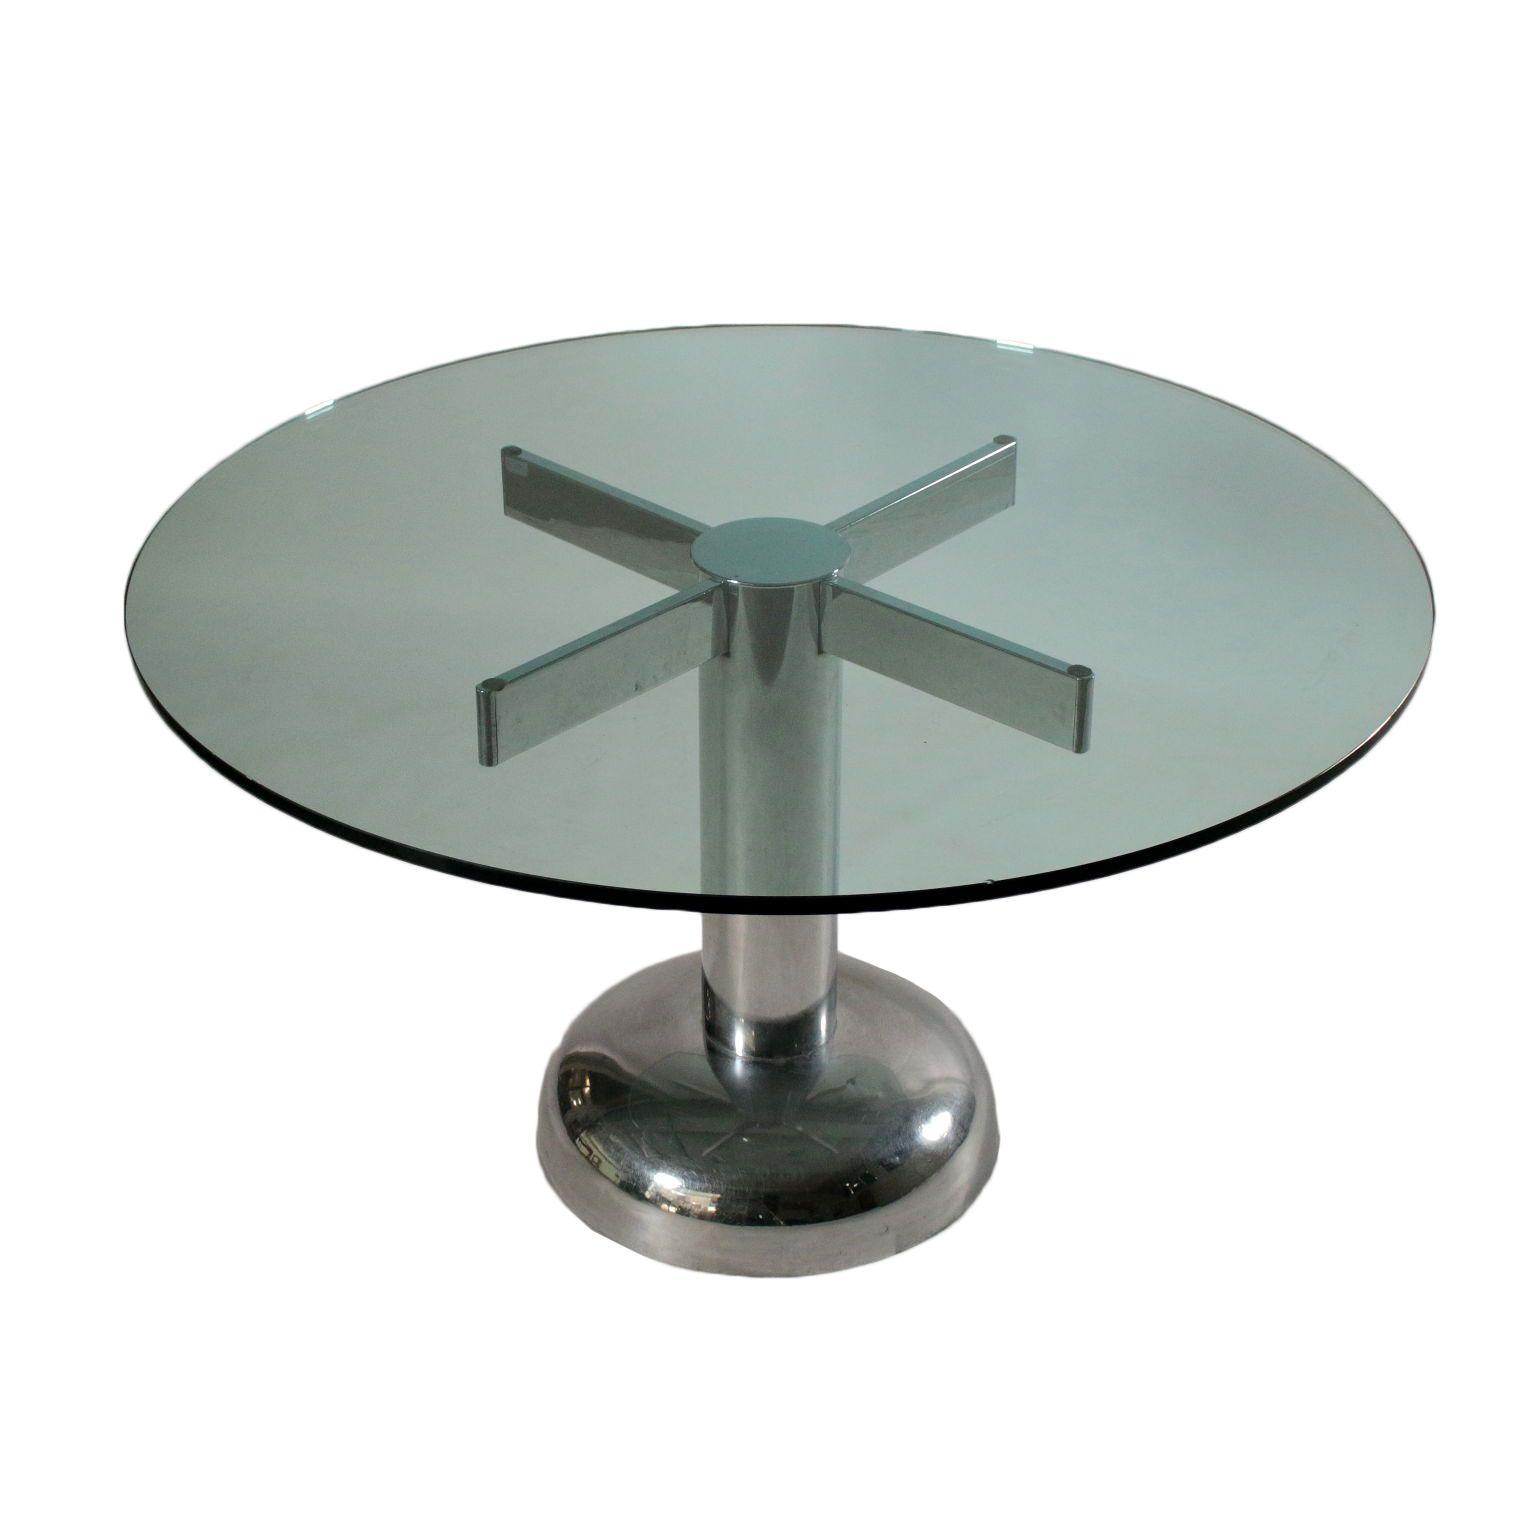 Vintage Et Deco Table Metal Chrome Verre Vintage Italie Annees 60 70 Table Base En Metal Chrome Dessus En Verre Table Metal Table Vintage Table En Verre